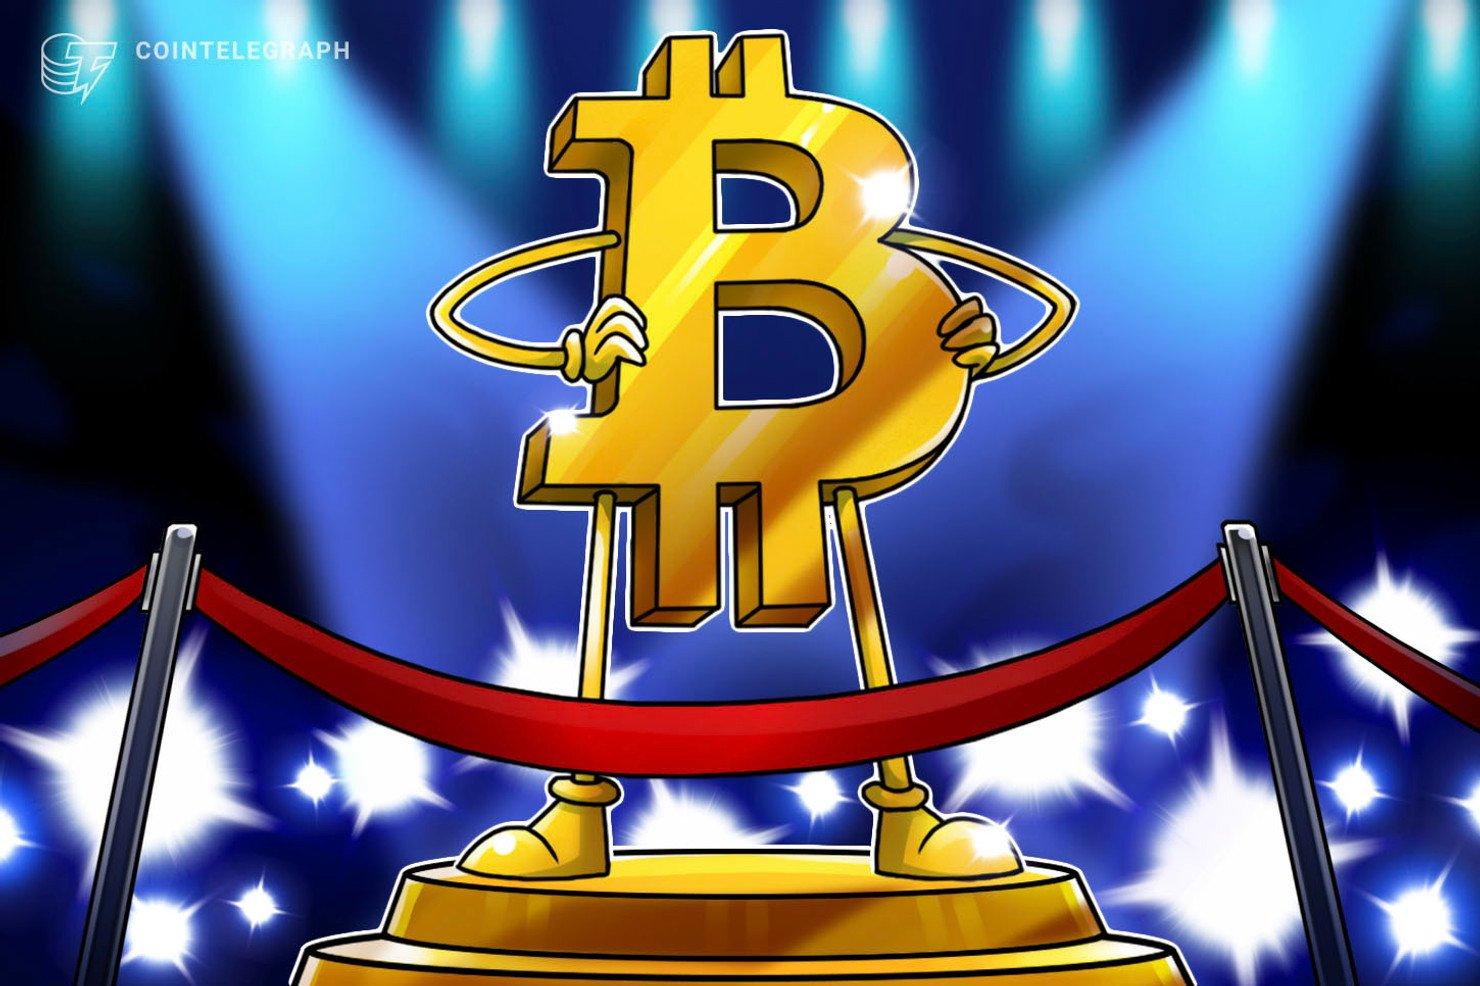 ビットコインは匿名性が低い!その理由と匿名性を高める方法を教えます   CoinPartner(コインパートナー)